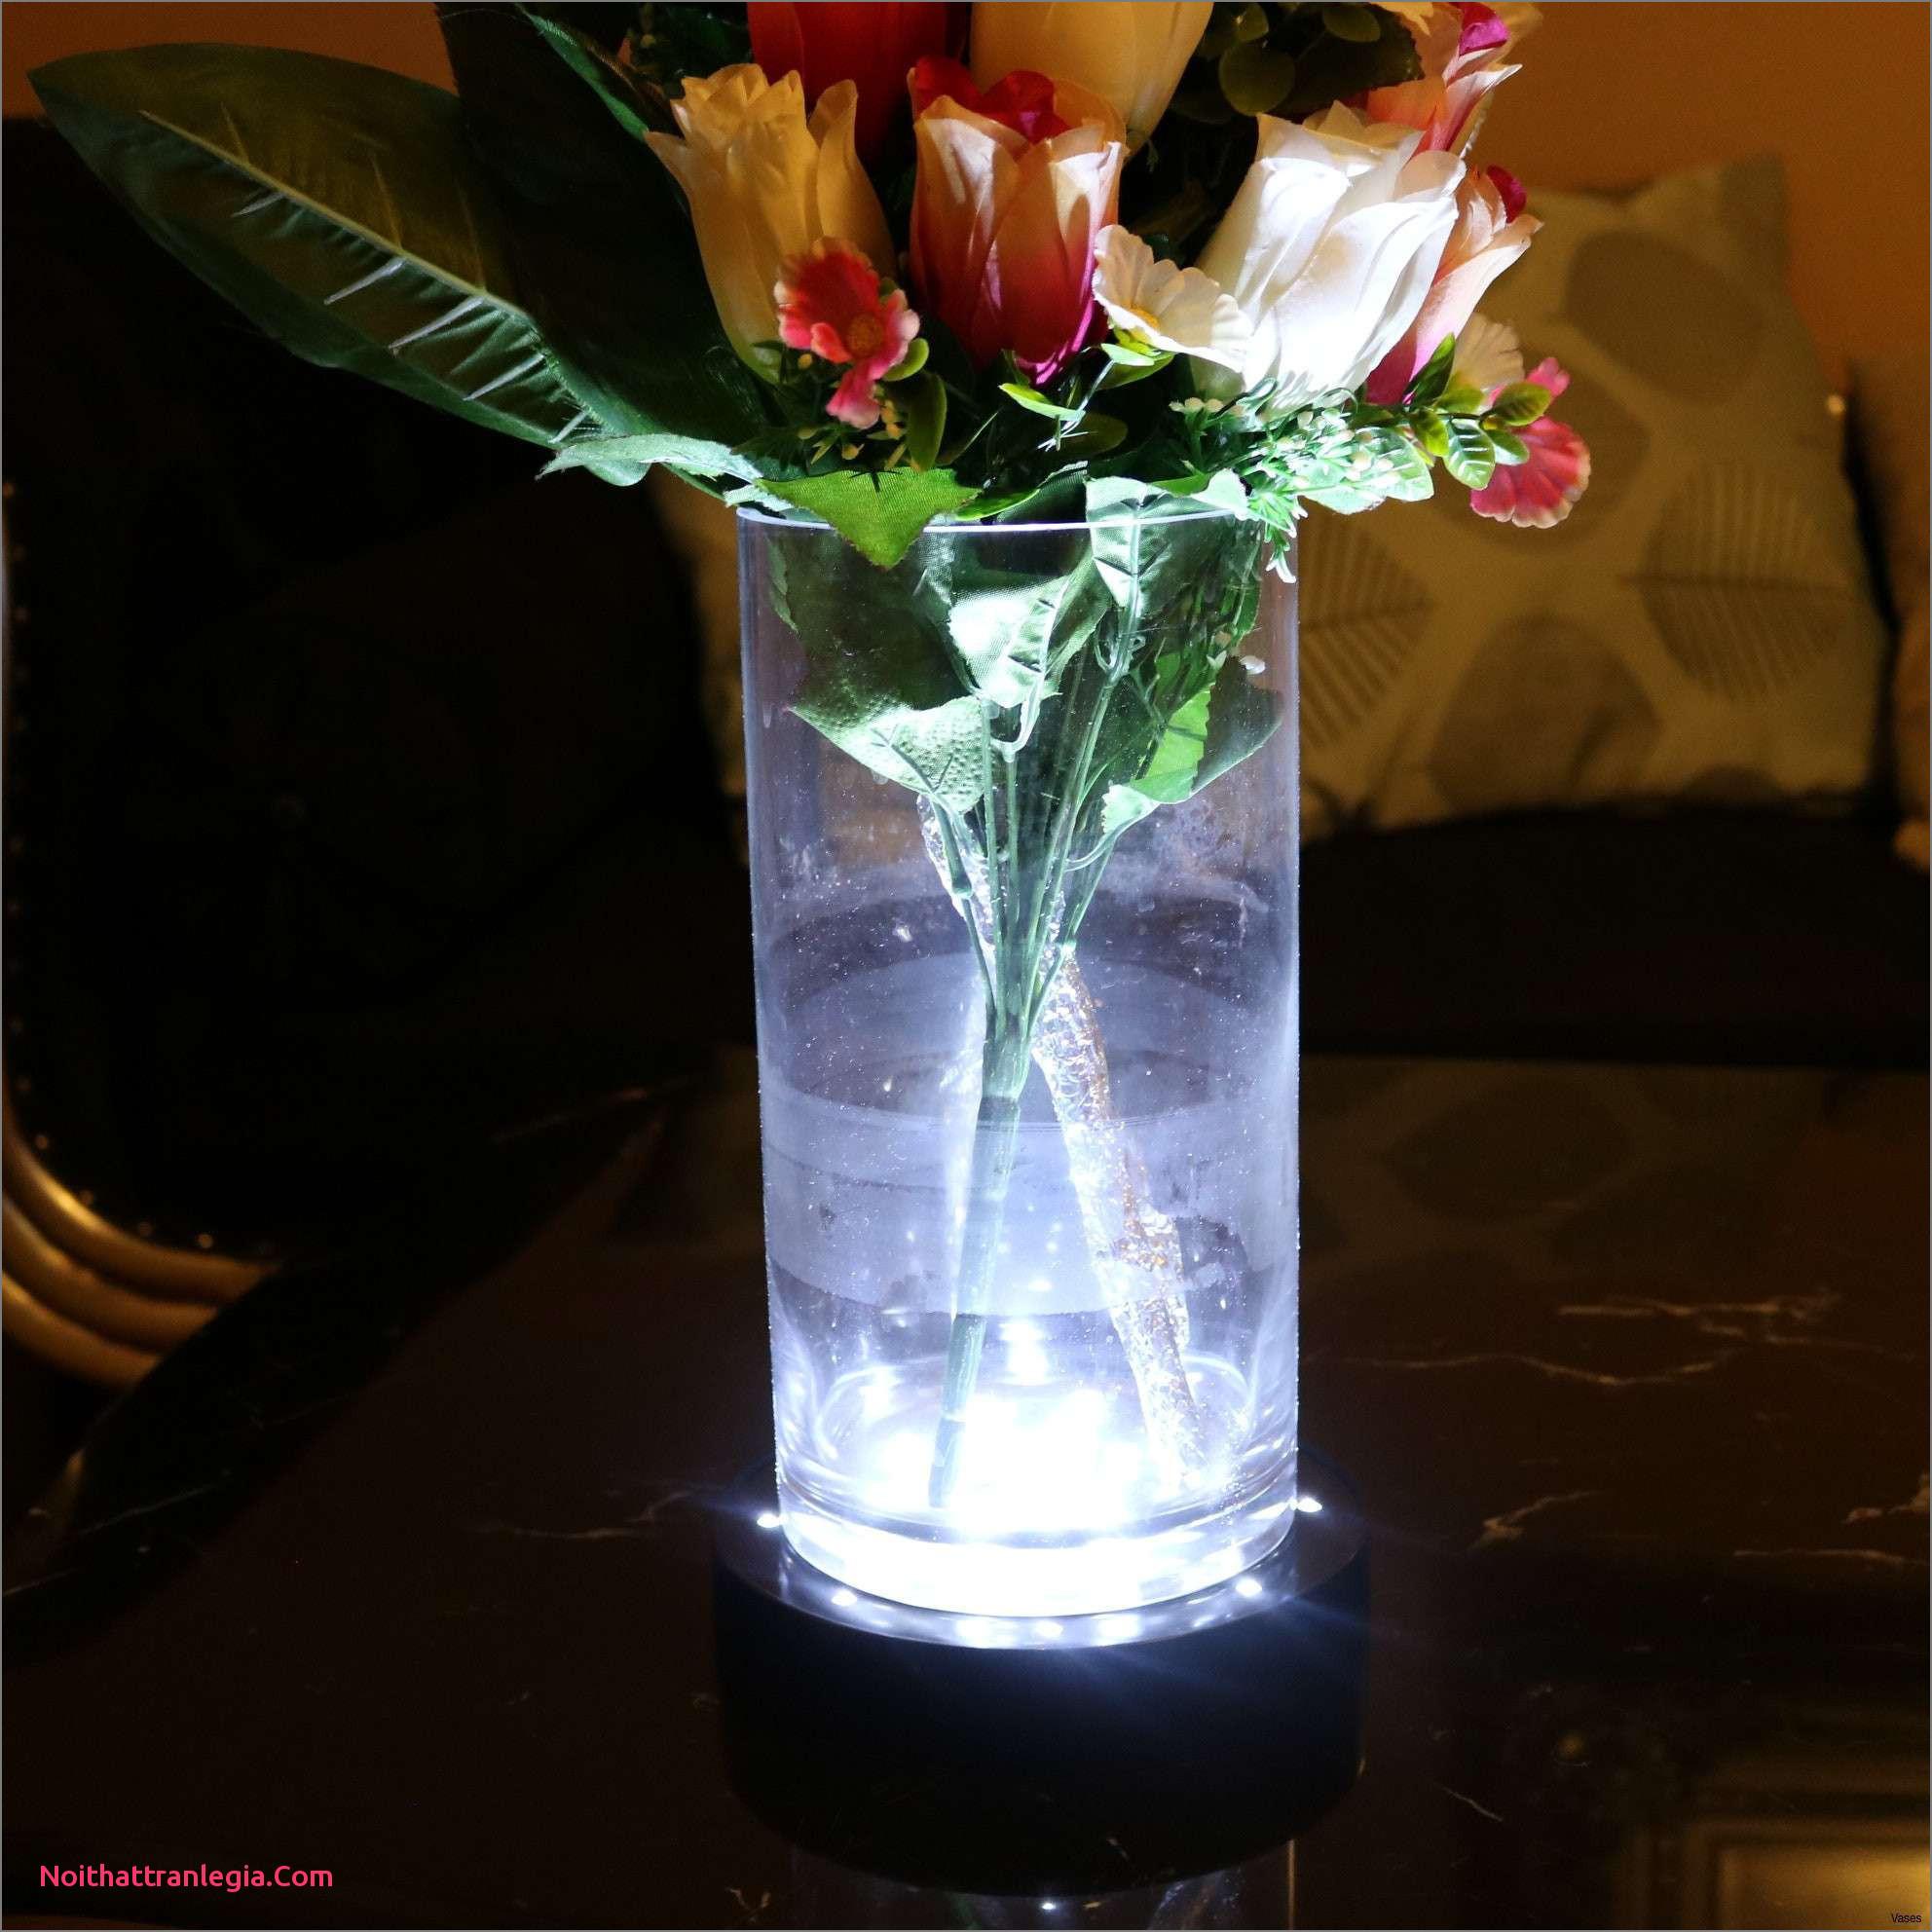 extra large glass flower vases of 20 cut glass antique vase noithattranlegia vases design regarding glass wall vases gallery vases disposable plastic single cheap flower rose vasei 0d design glass